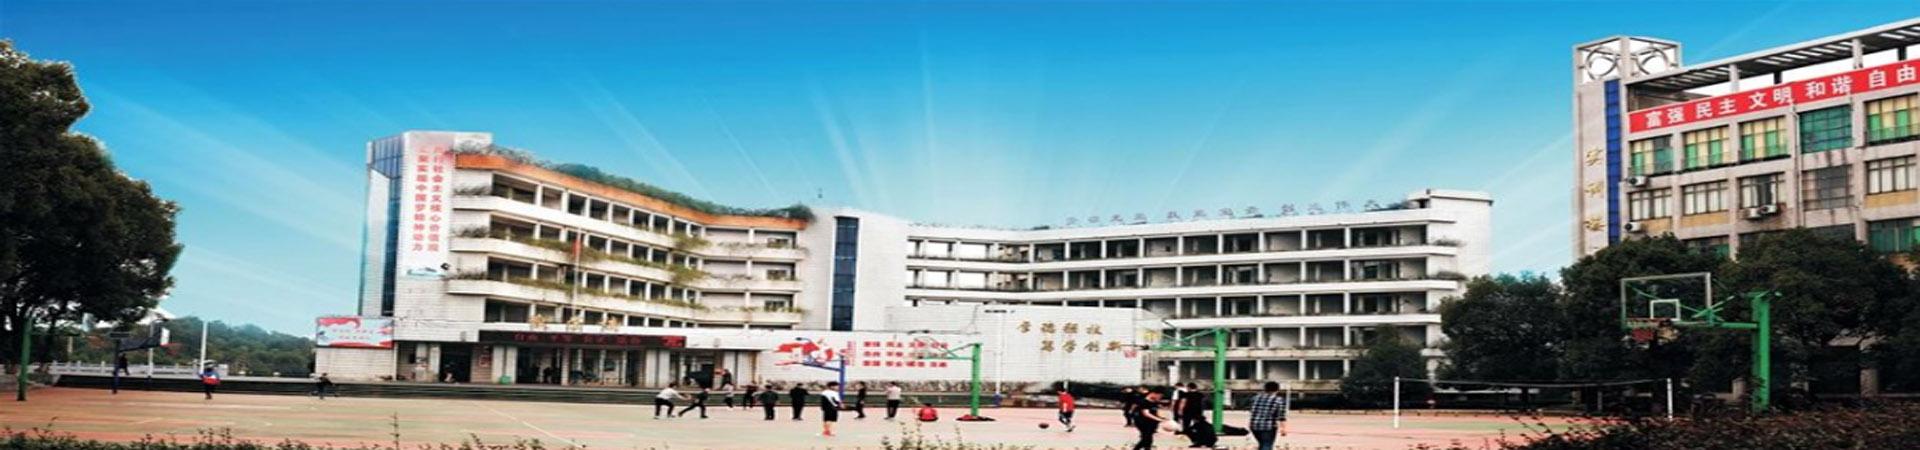 益阳高级技工学校